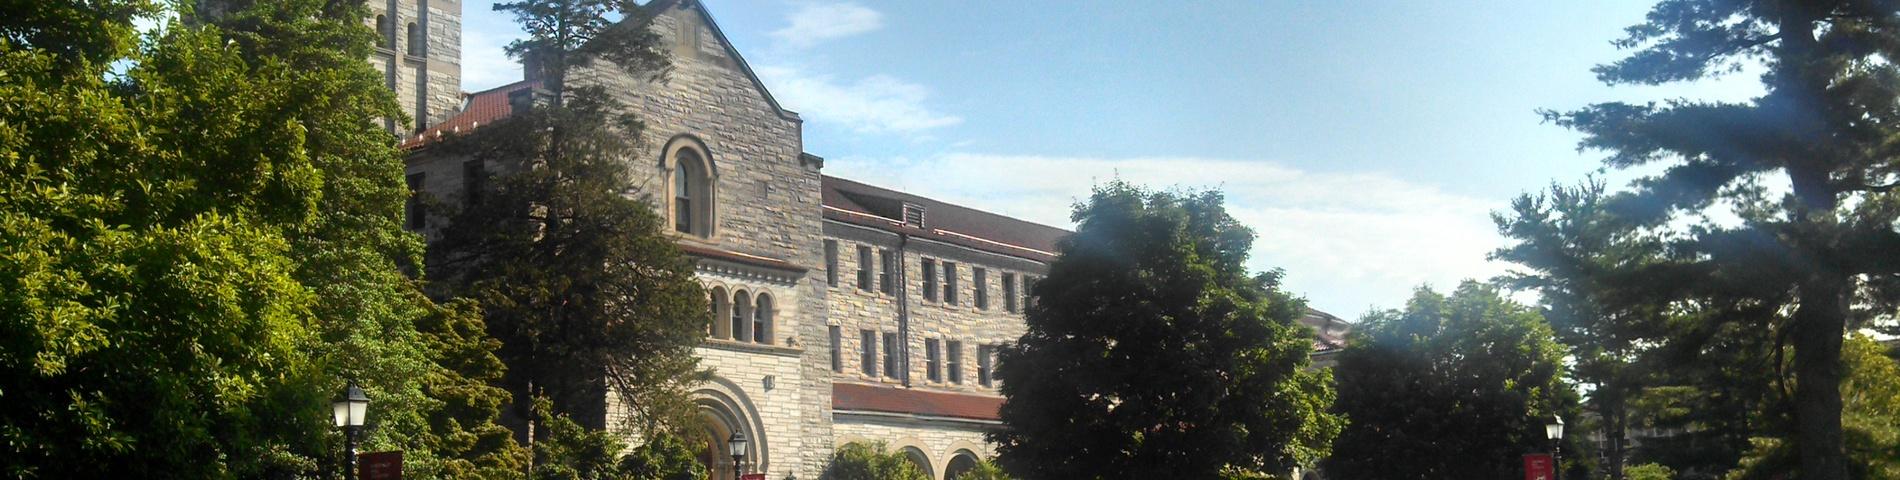 Imagen 1 de la escuela FLS - Chesnut Hill College